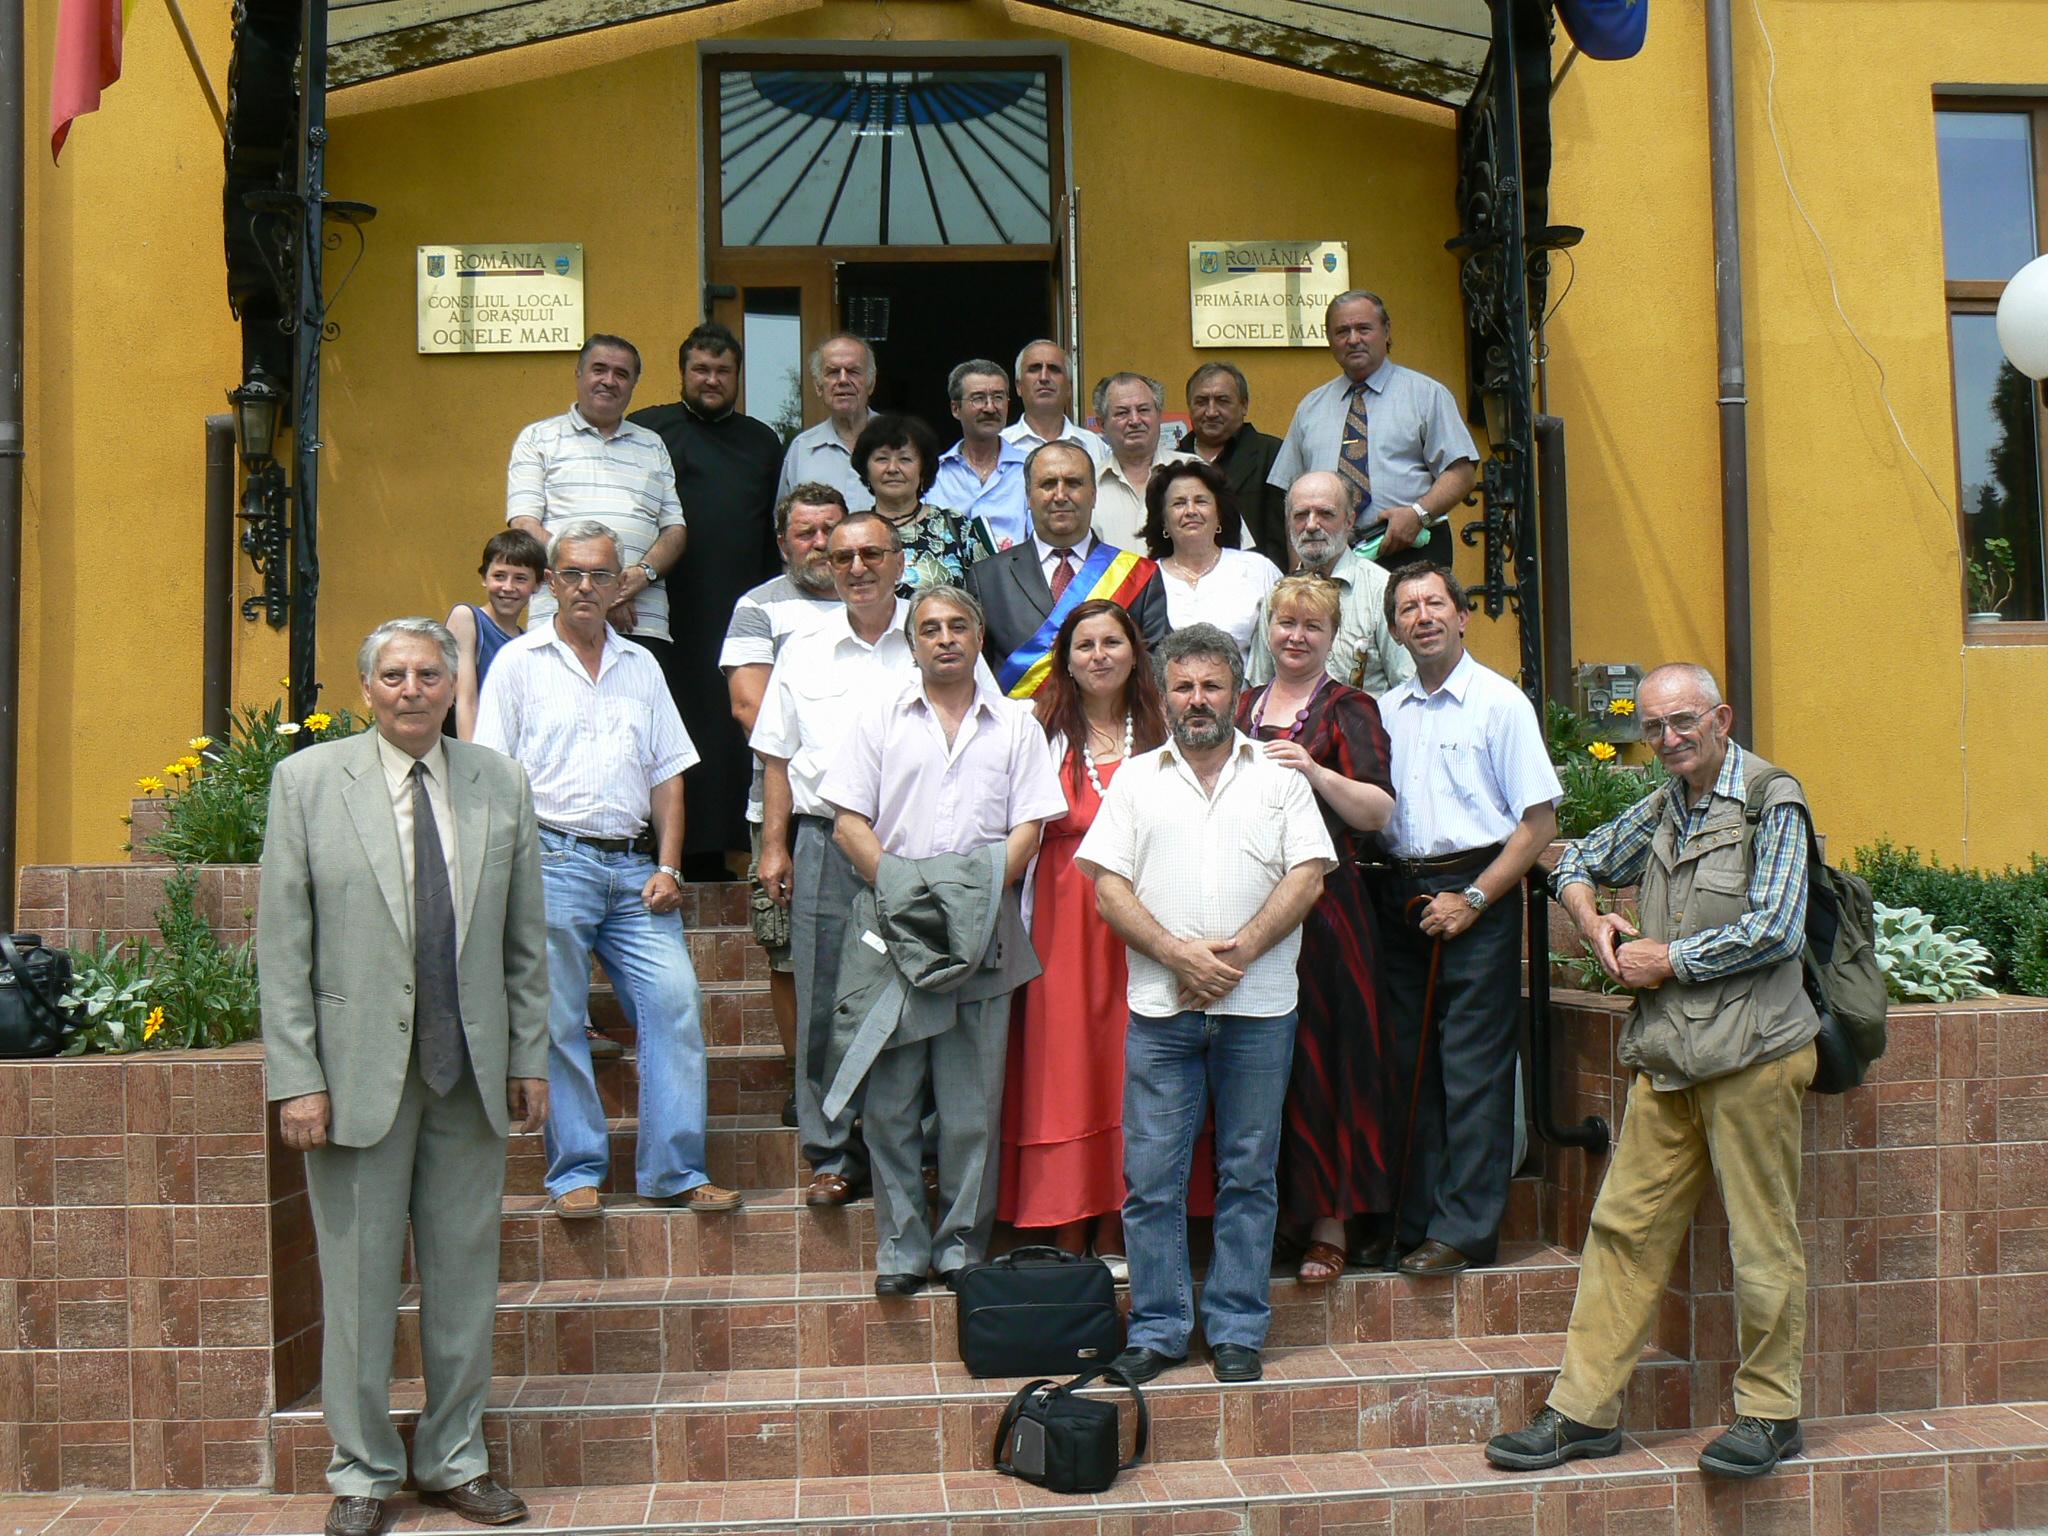 Costea Marinoiu 02 07 2010 Societatea Anton Pann la Ocne